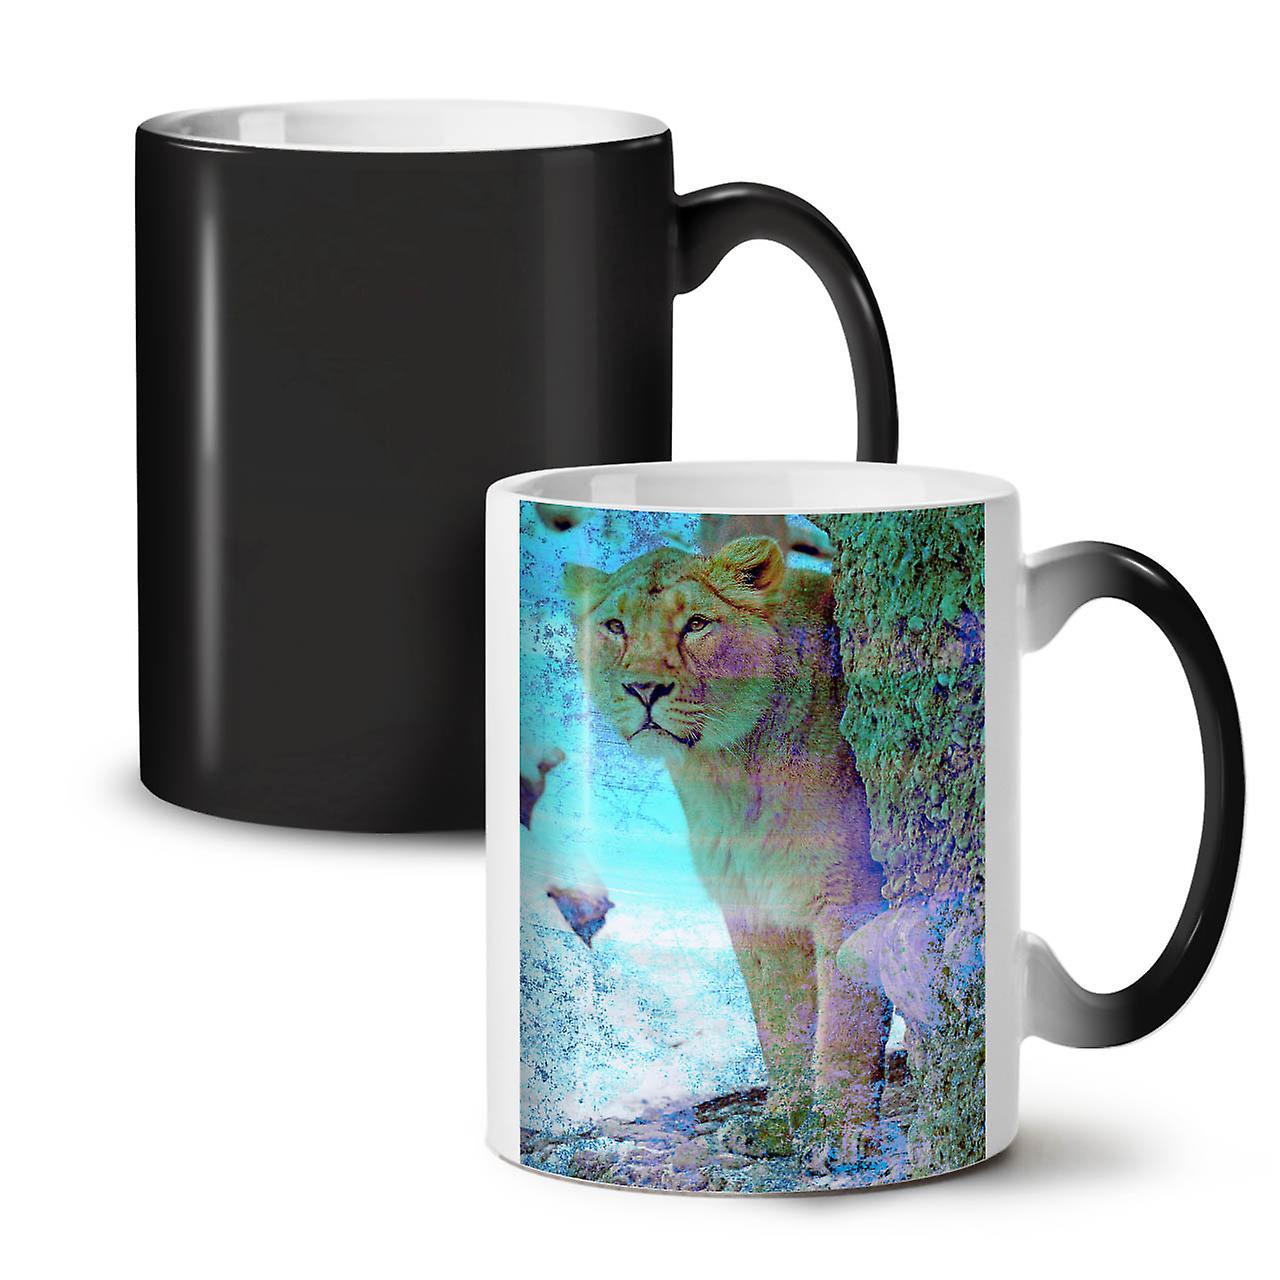 Sauvage Cat Tigre Tasse Thé OzWellcoda Nouveau Changeant Coloris 11 Noir Céramique Big Café A4L35Rj